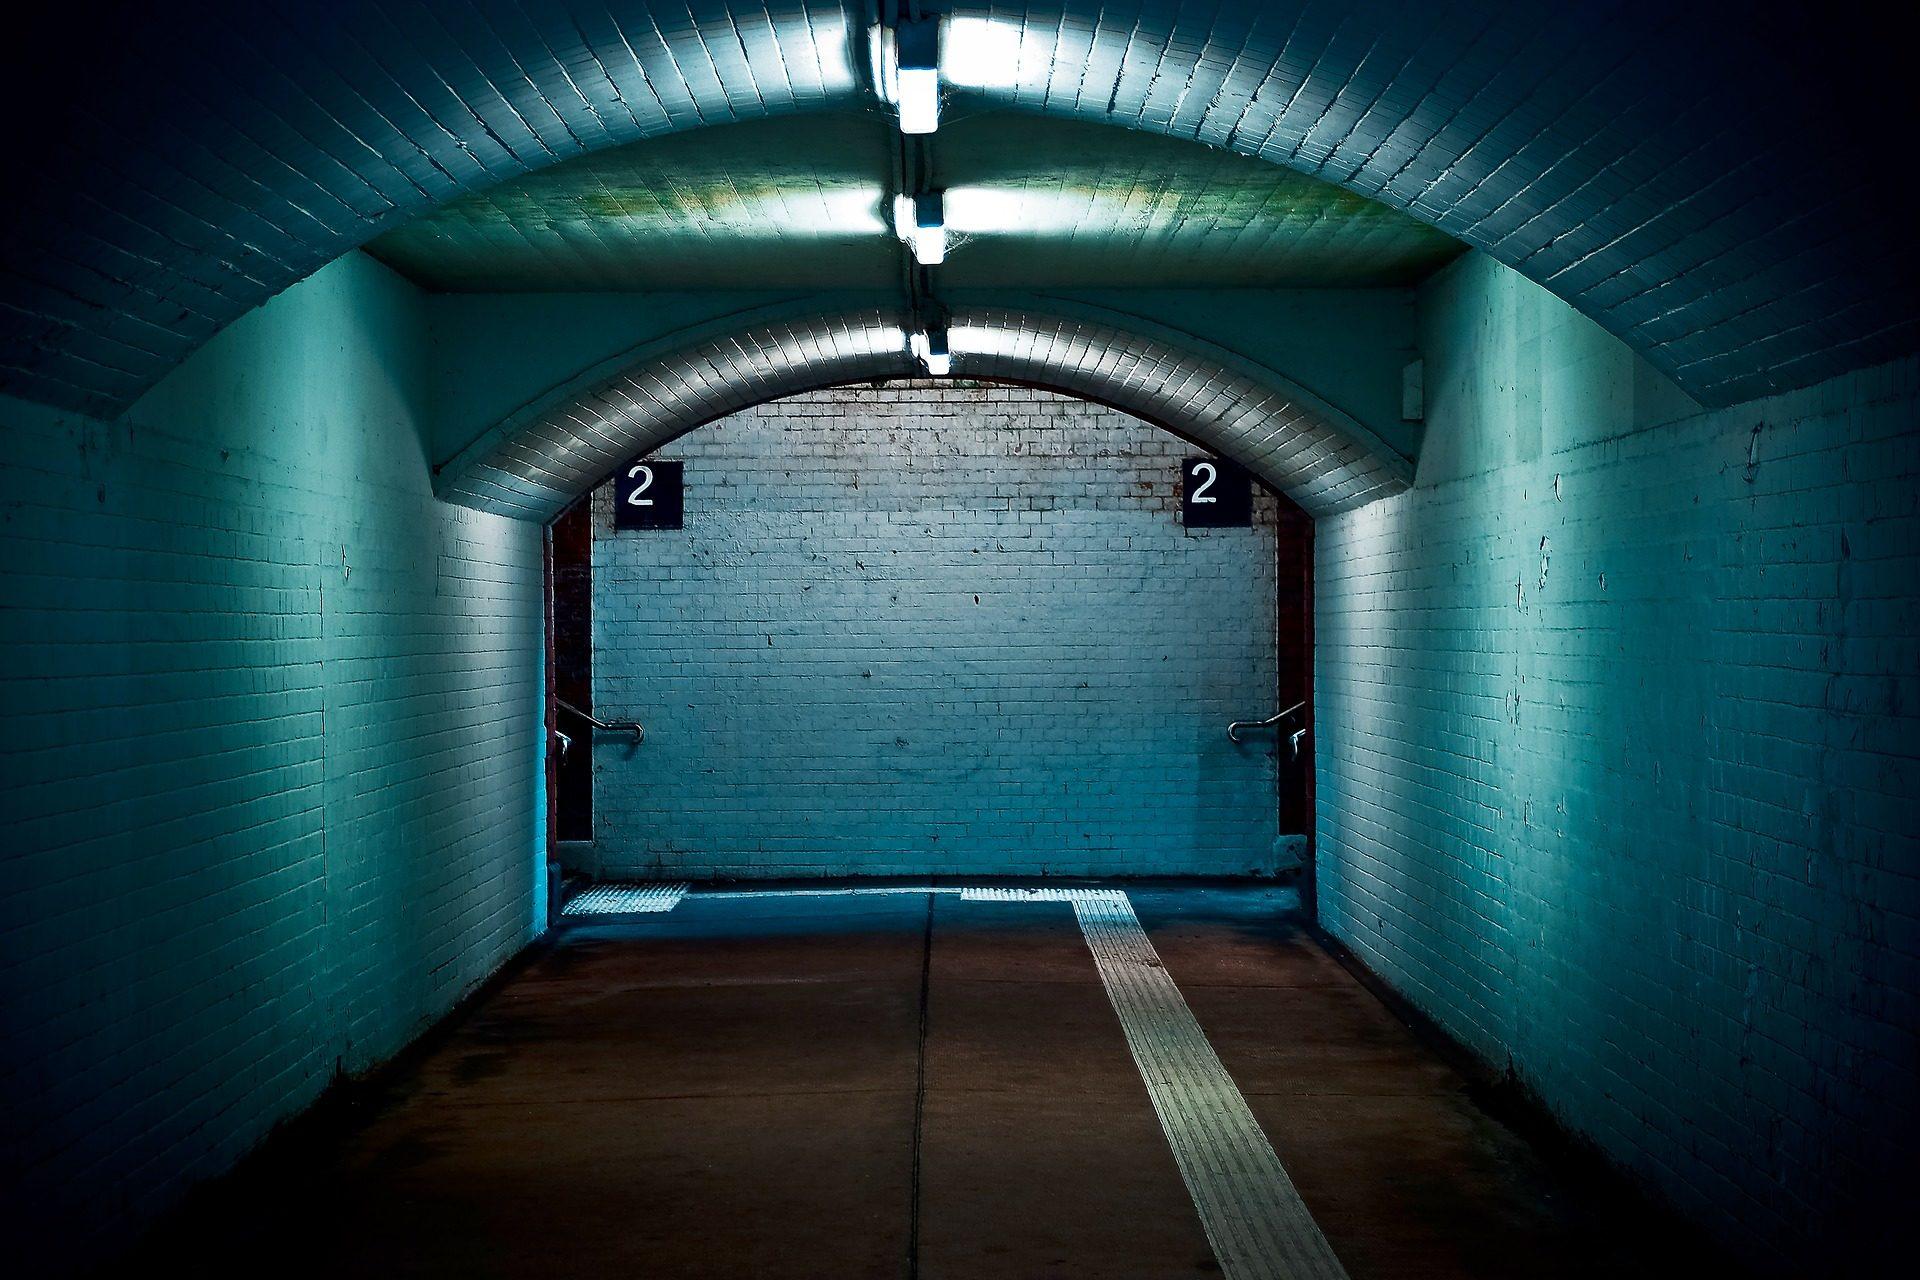 tunnel, architecture, lumières, Arcos, briques - Fonds d'écran HD - Professor-falken.com